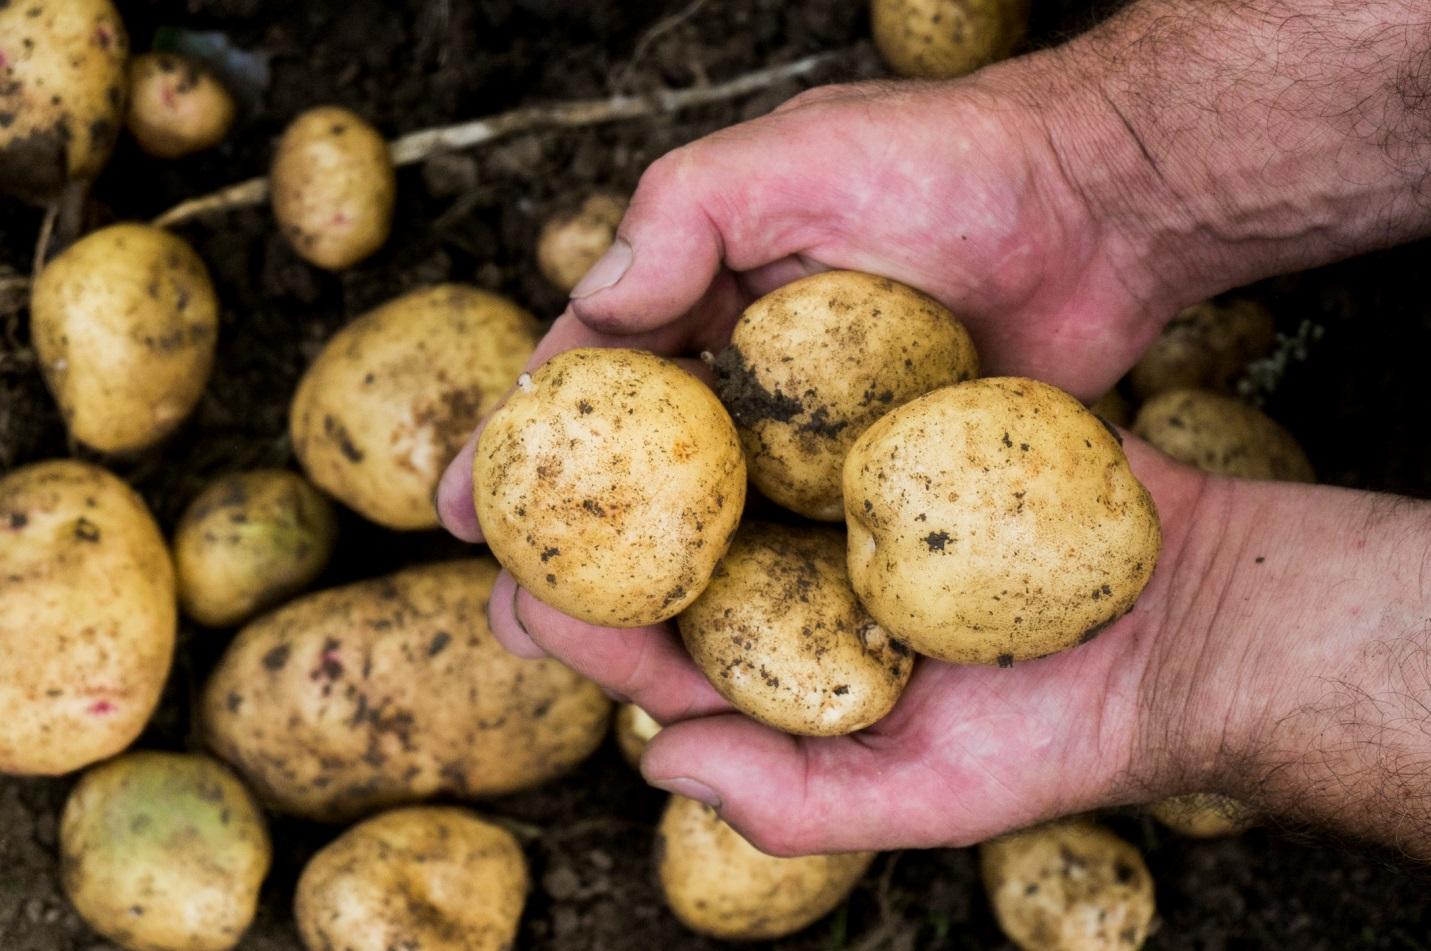 Лучшие сорта картофеля в белоруссии